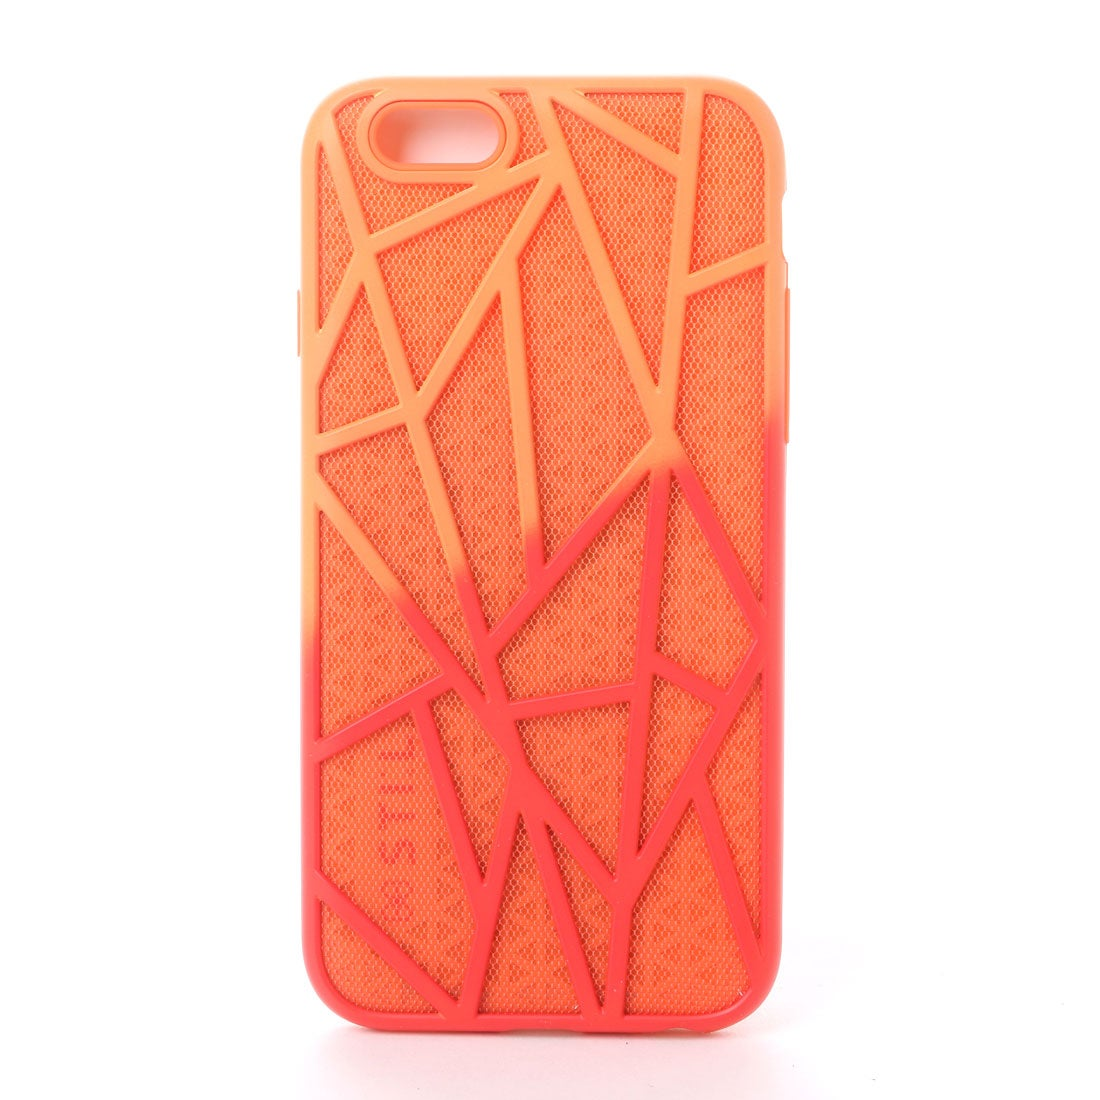 スティール STI:L iPhone6s/6 FREE RUN Bar(オレンジ) レディース メンズ